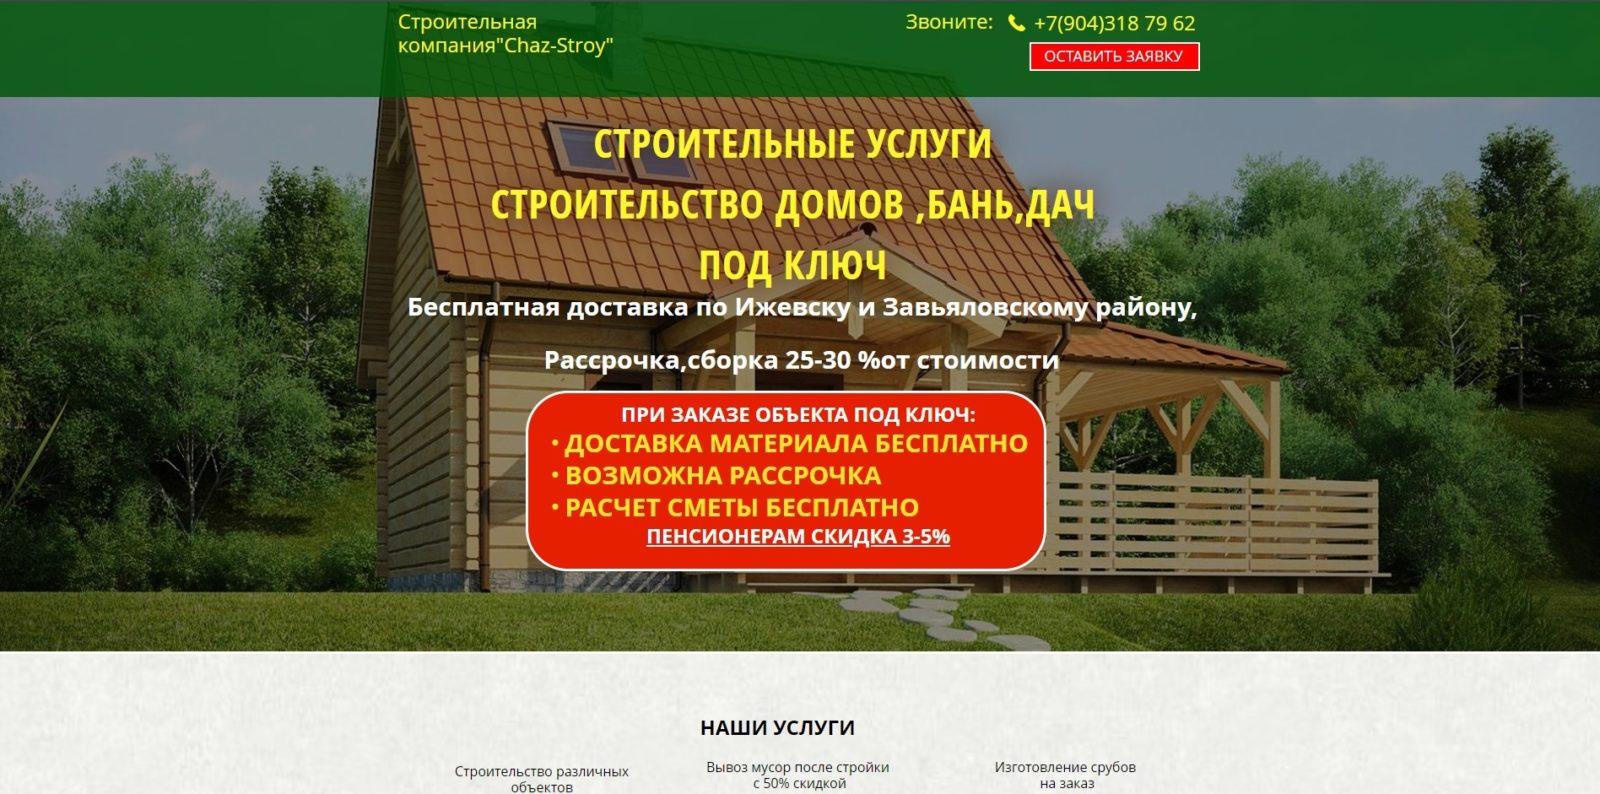 Строительная компания Chazov-Stroy